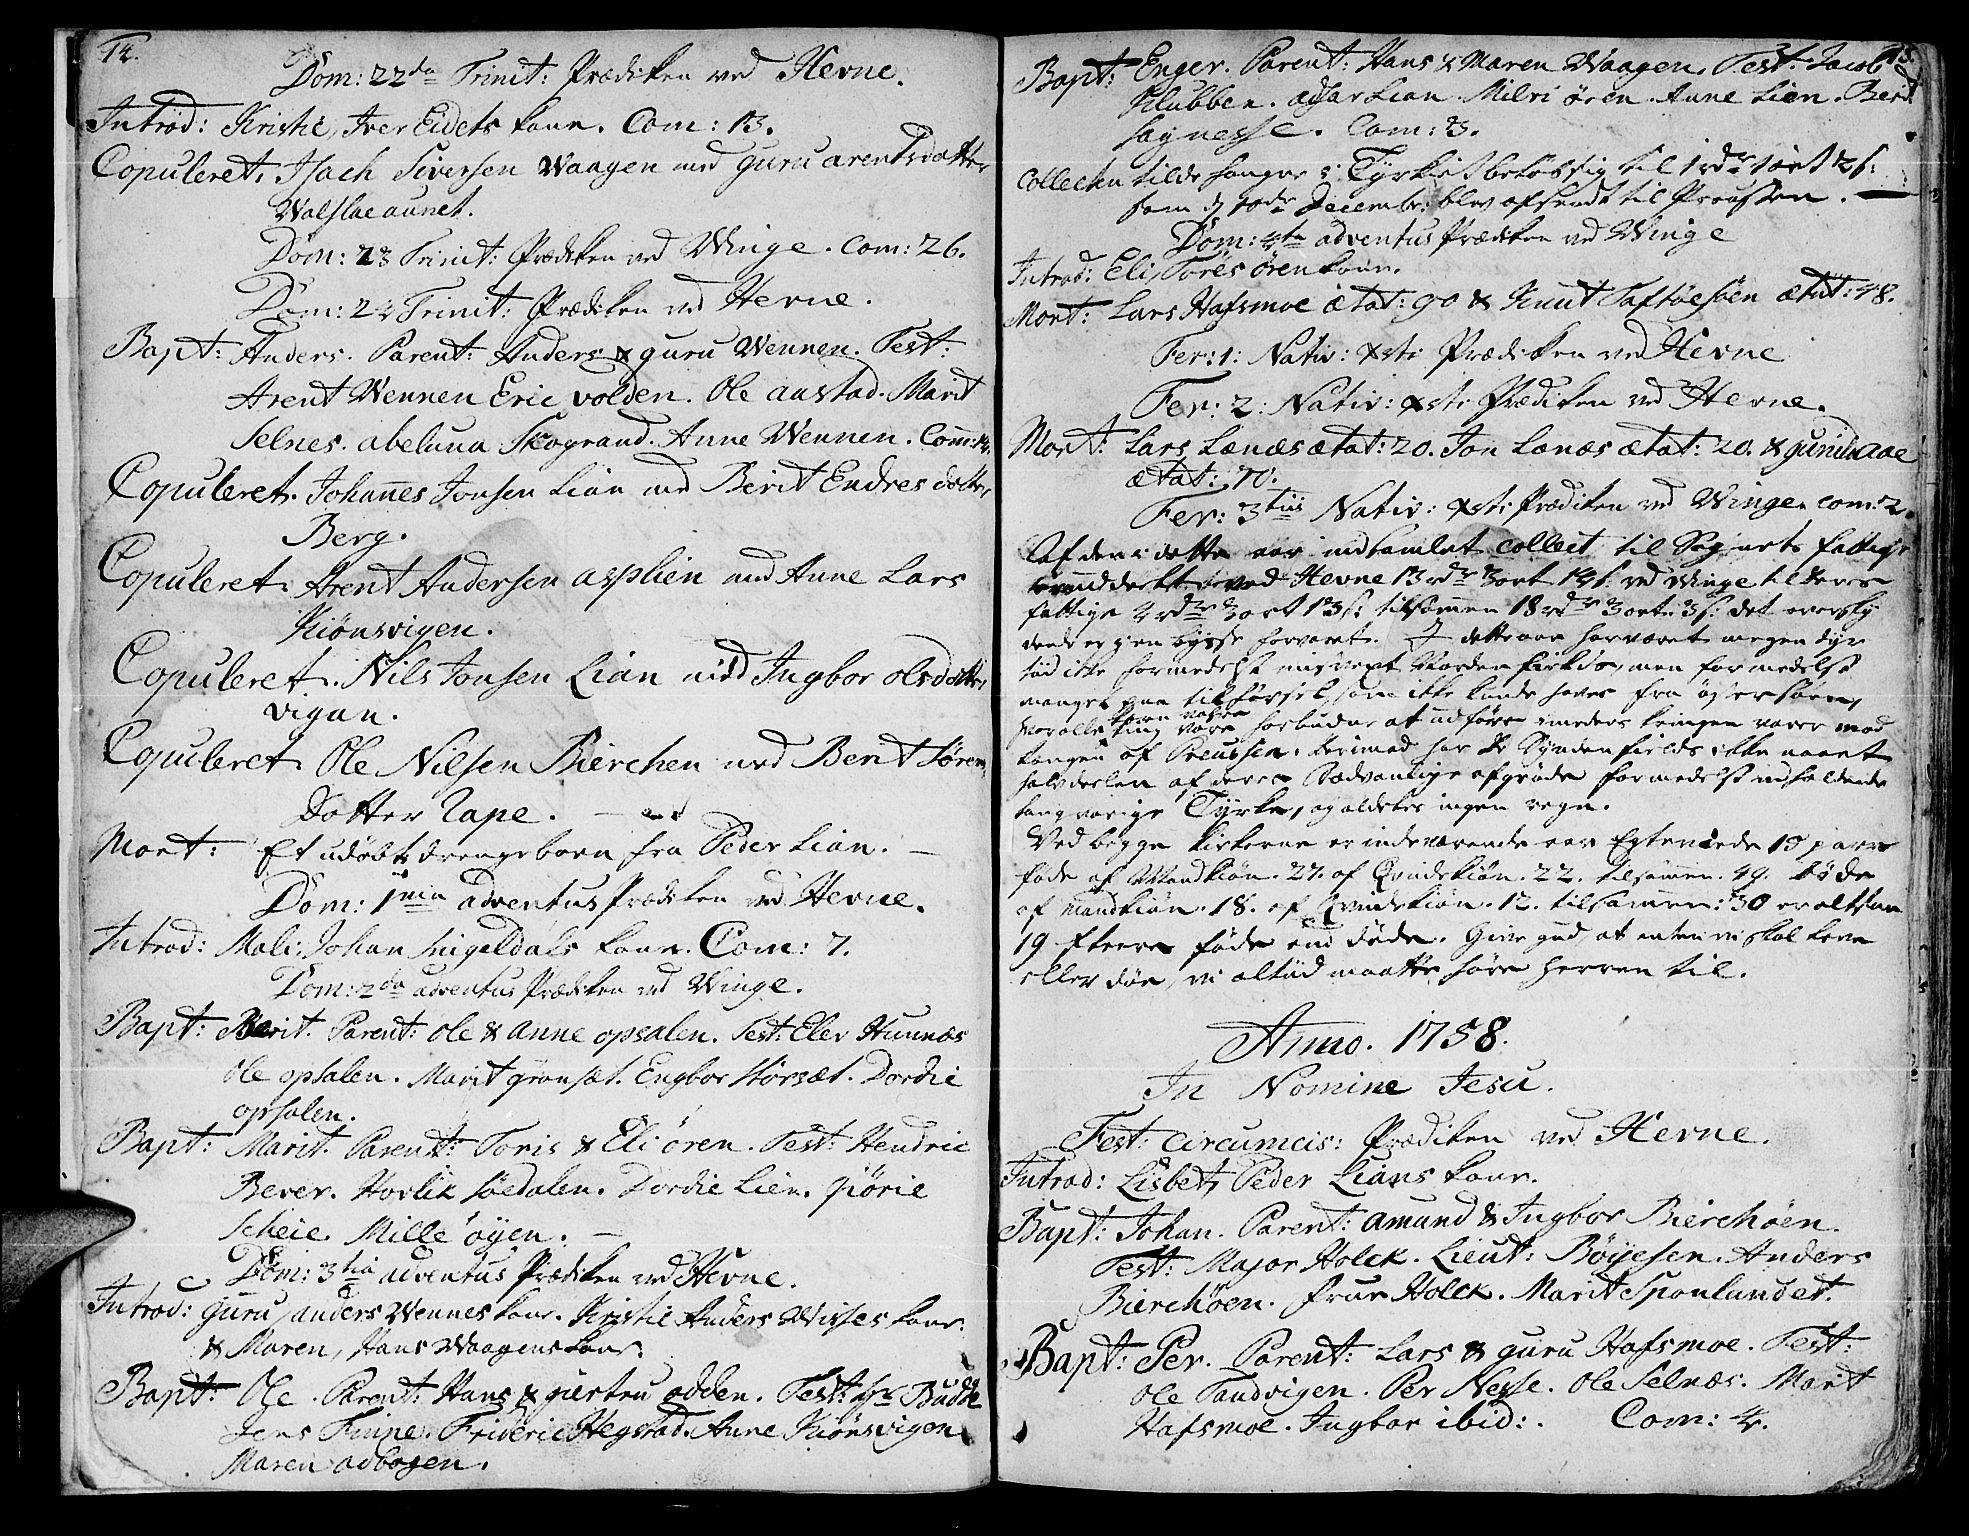 SAT, Ministerialprotokoller, klokkerbøker og fødselsregistre - Sør-Trøndelag, 630/L0489: Ministerialbok nr. 630A02, 1757-1794, s. 14-15